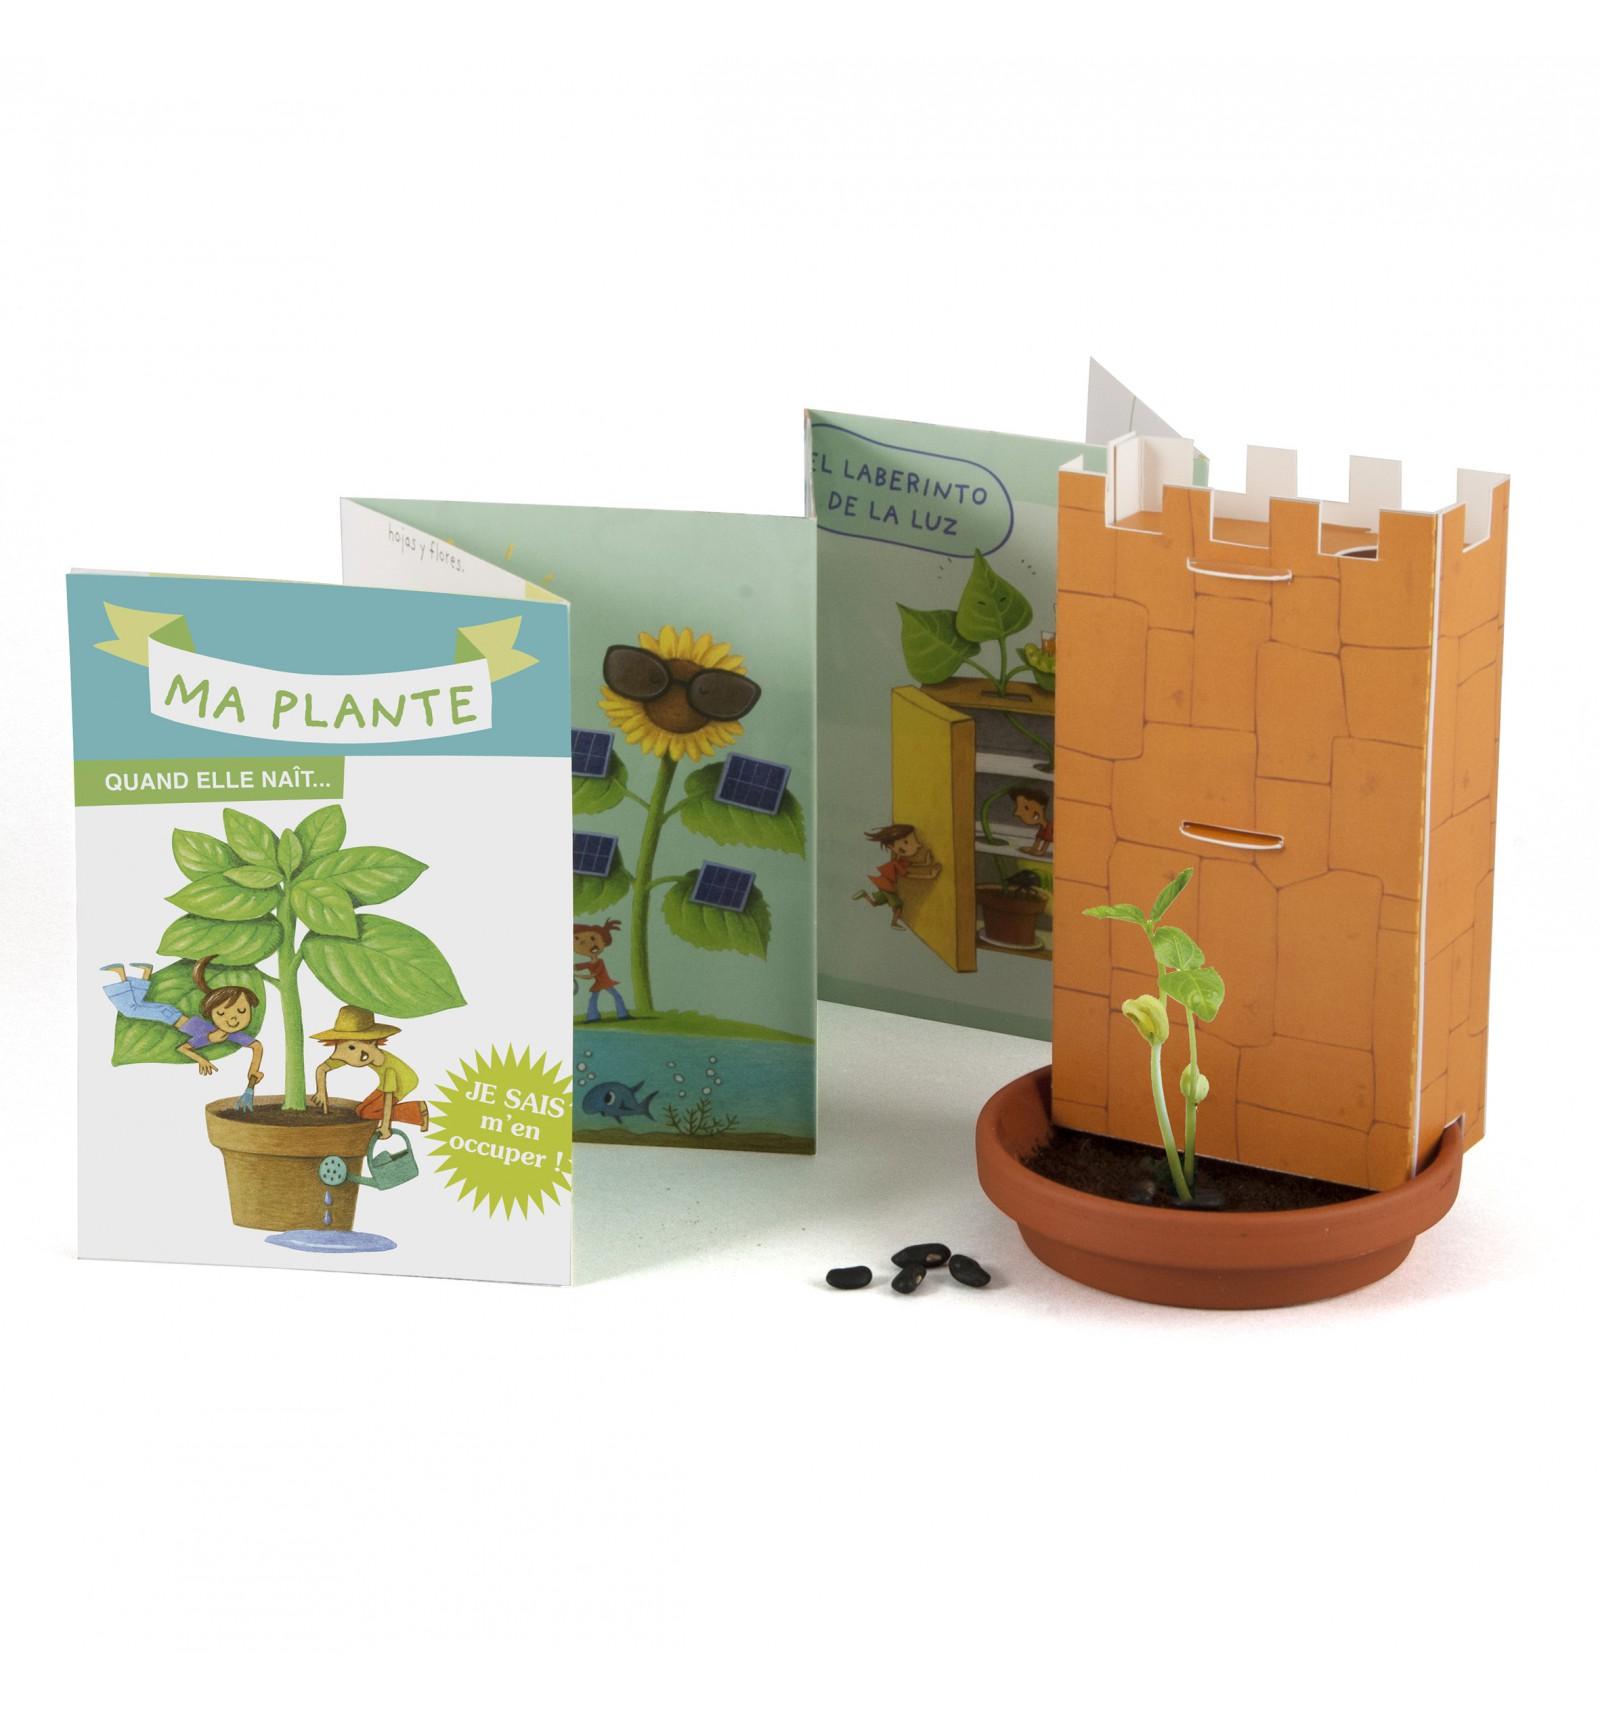 Mini zahrádka - Veselý box s květináčky - Objev zázrak klíčení